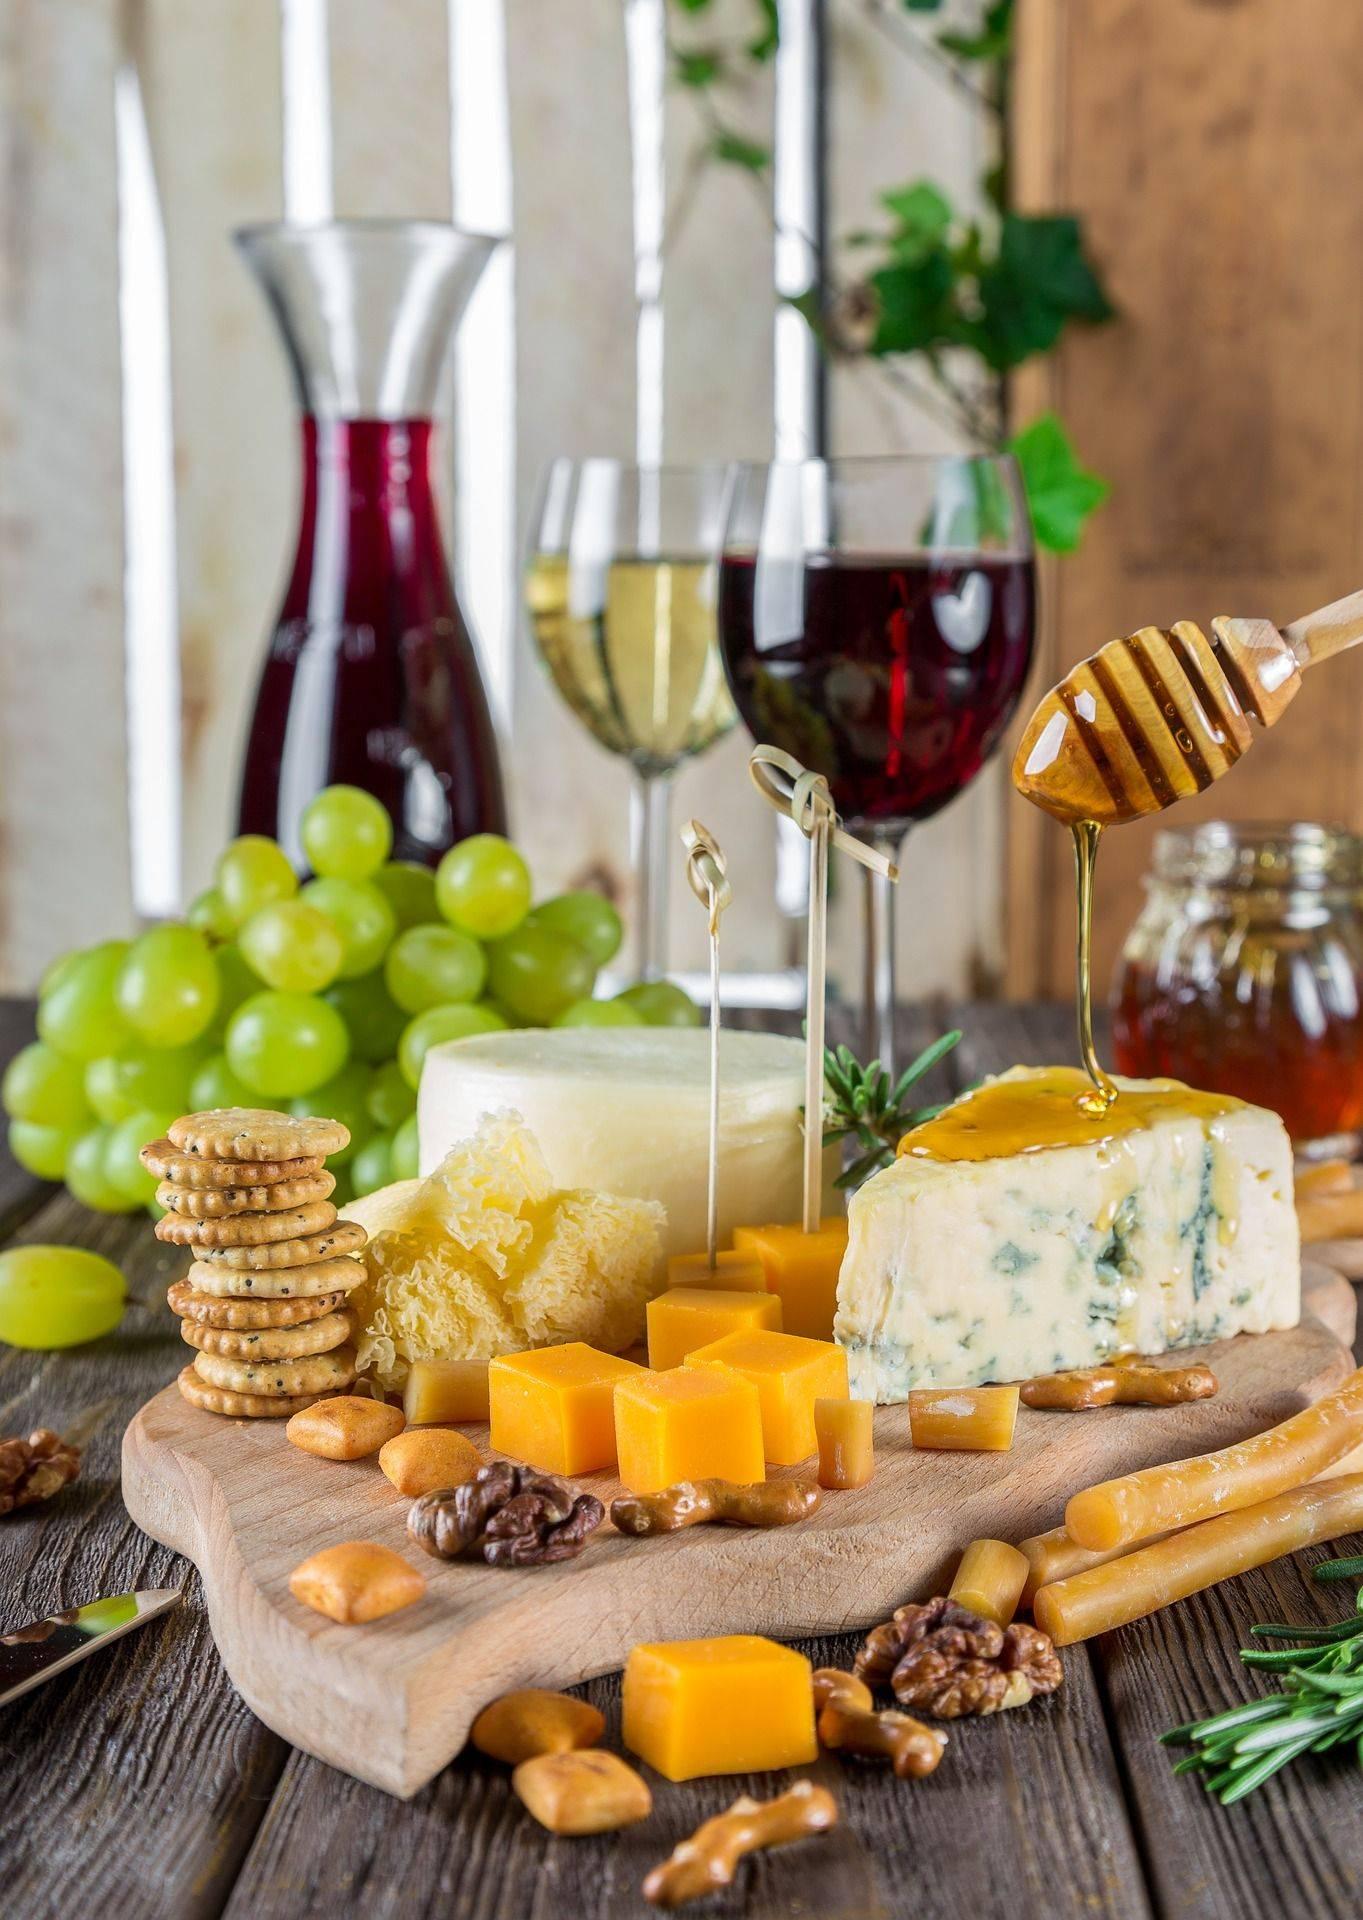 Популярные закуски и еда под коньяк и крепкие напитки